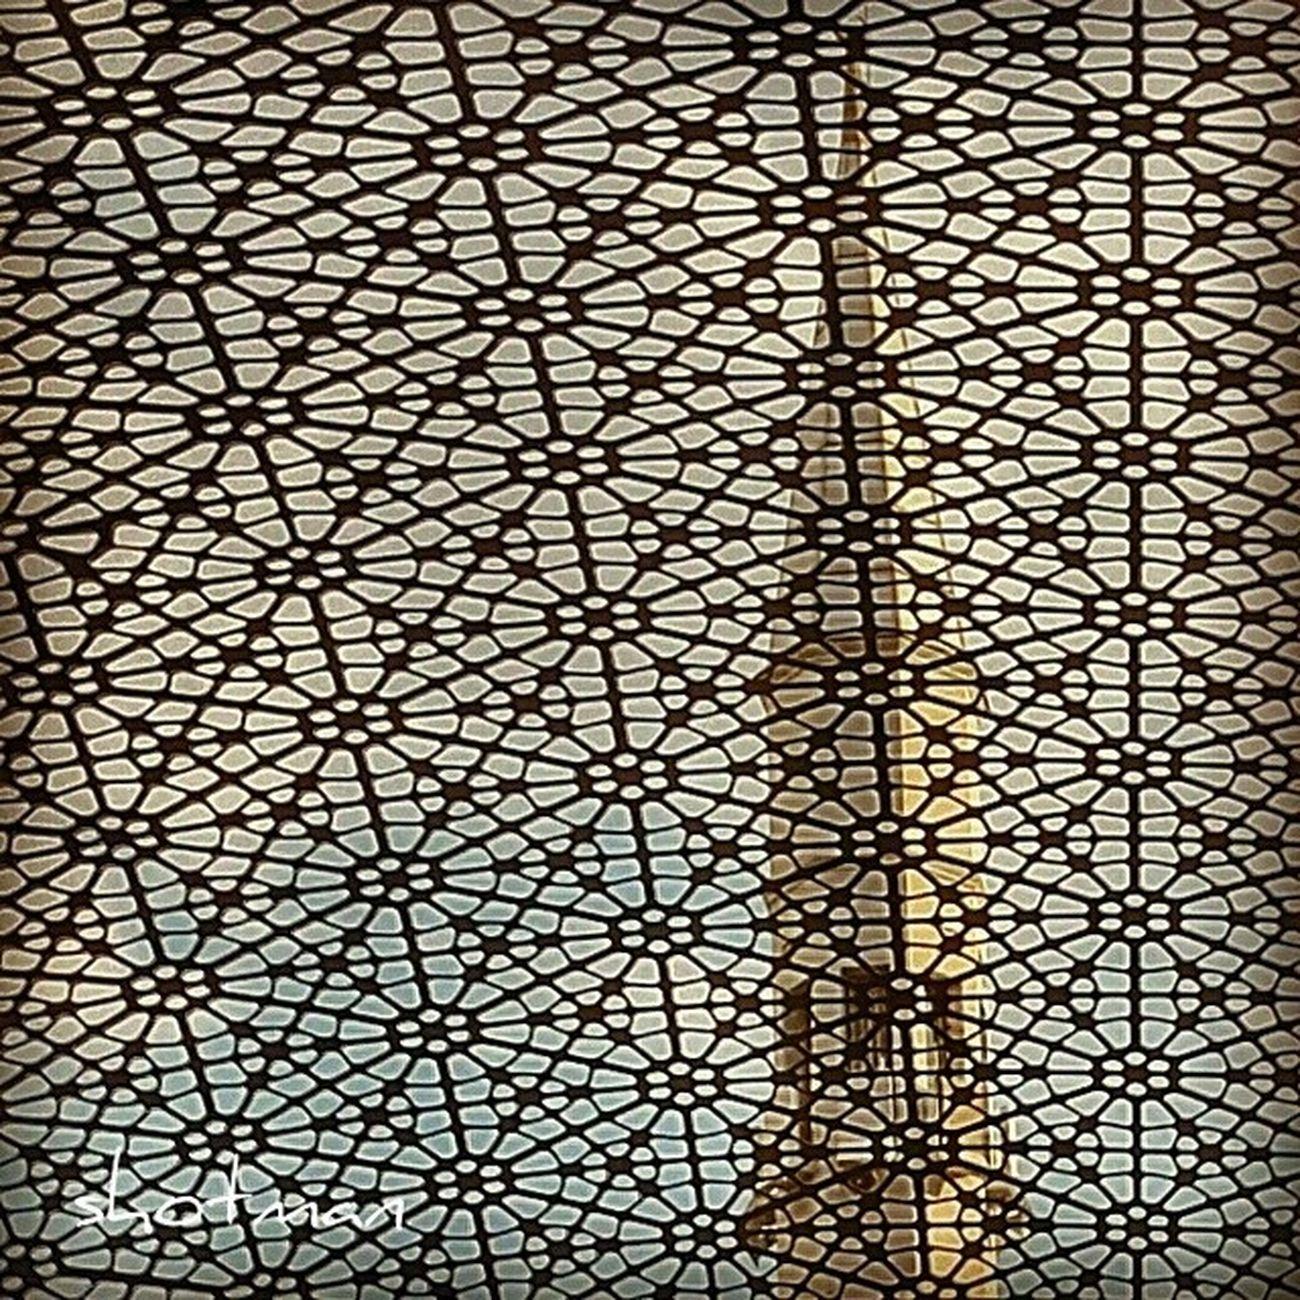 şakirincamii Karacaahmet Zeynepkamil Cami mosgue şakirin ibadet namaz ramazanışerif ramazan onbirayınsultanı dua